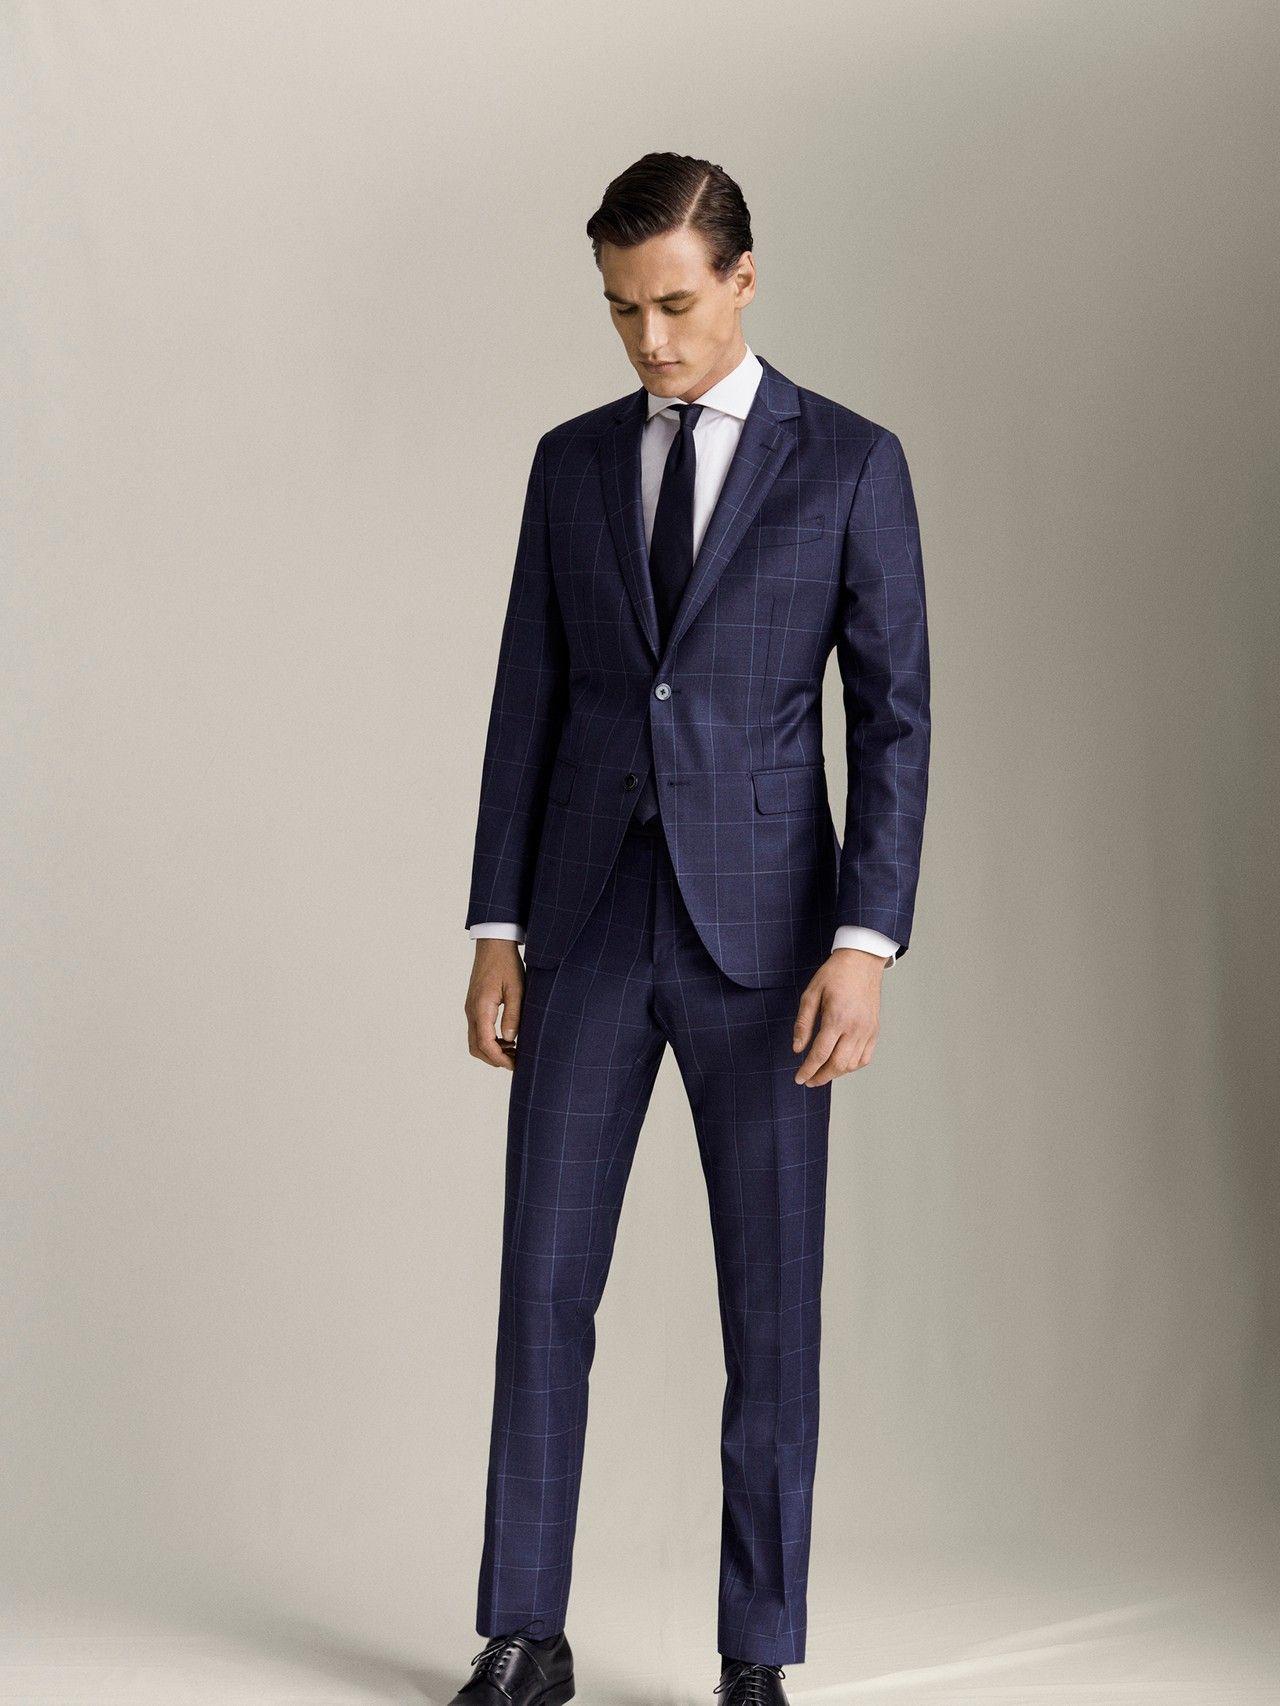 Massimo Dutti Hombre Pantalon Cuadros Lana S 110 S Slim Fit Azul Marino 48 En 2020 Massimo Dutti Hombre Azul Marino Pantalones